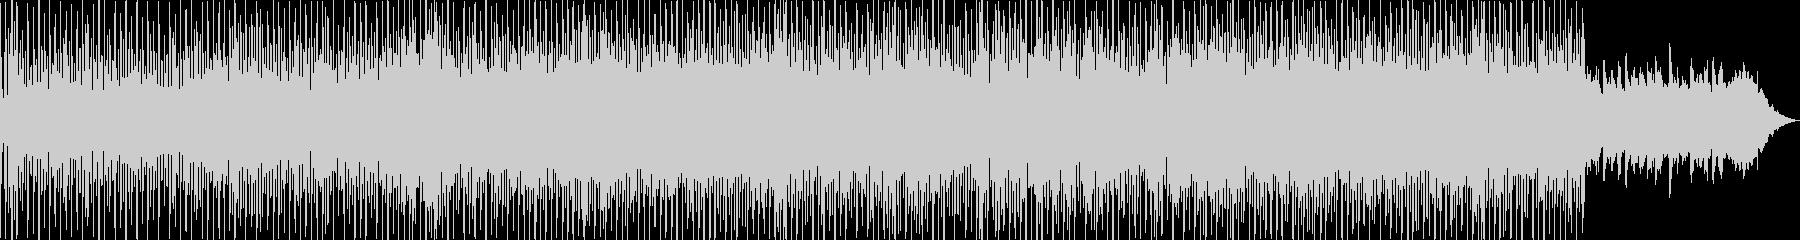 明るく爽やかなオーケストラポップ-02の未再生の波形